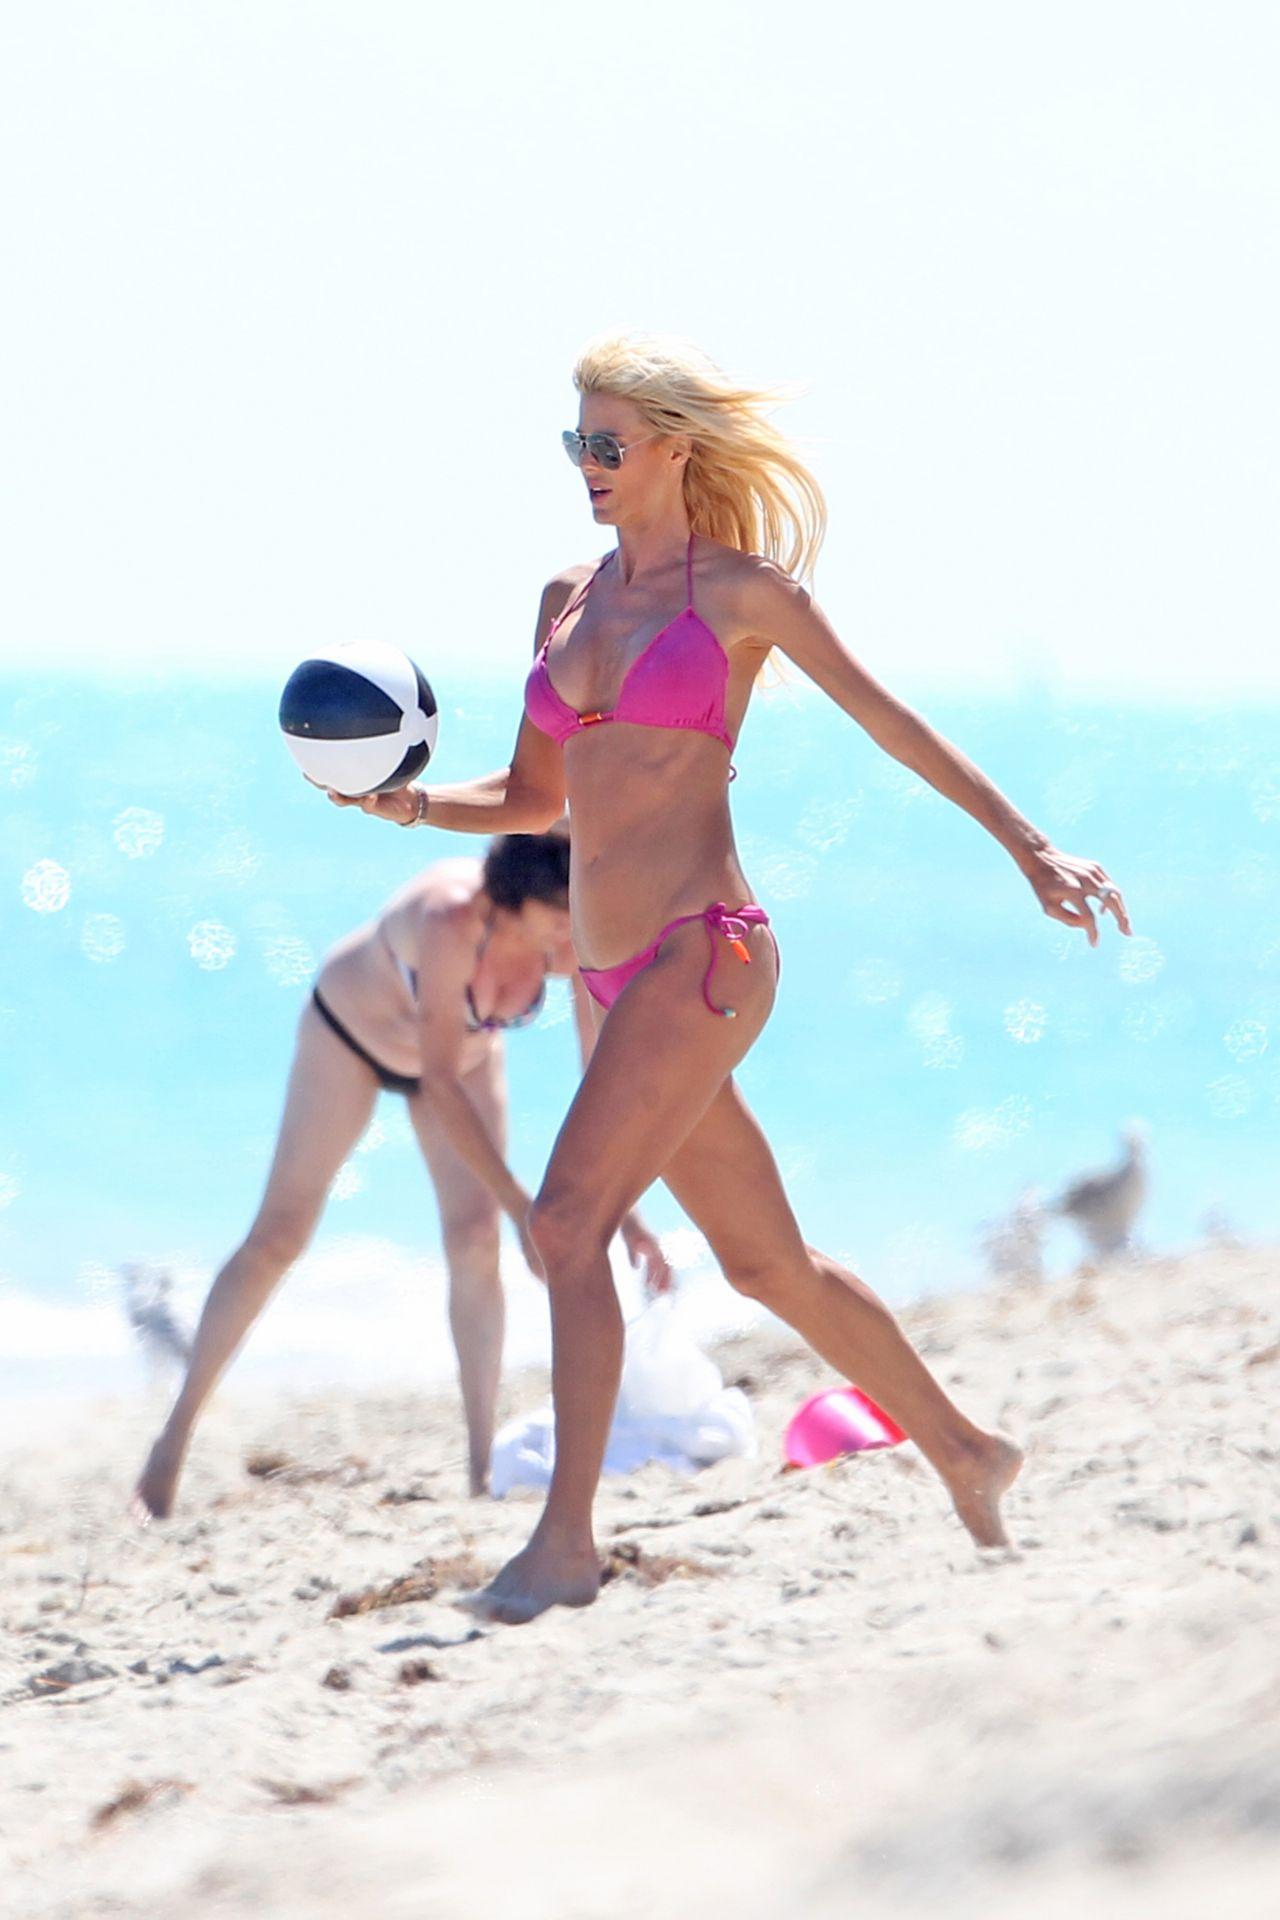 Victoria Silvstedt in Red Bikini in Miami Pic 14 of 35